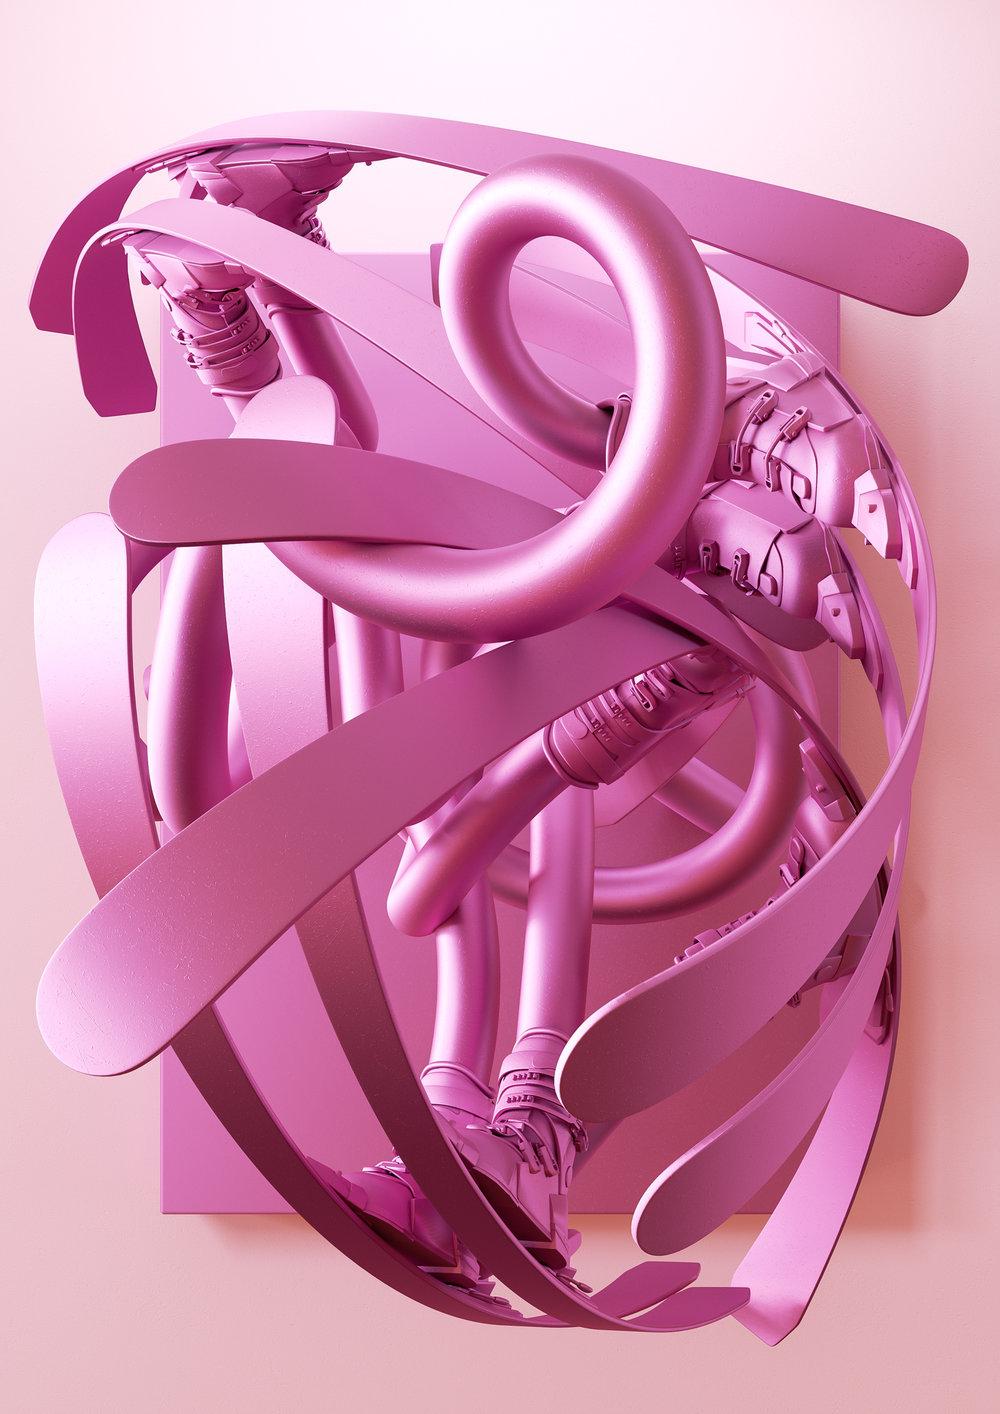 SculpturalExpressions_Ben_Fearnley_Skiing_01.jpg